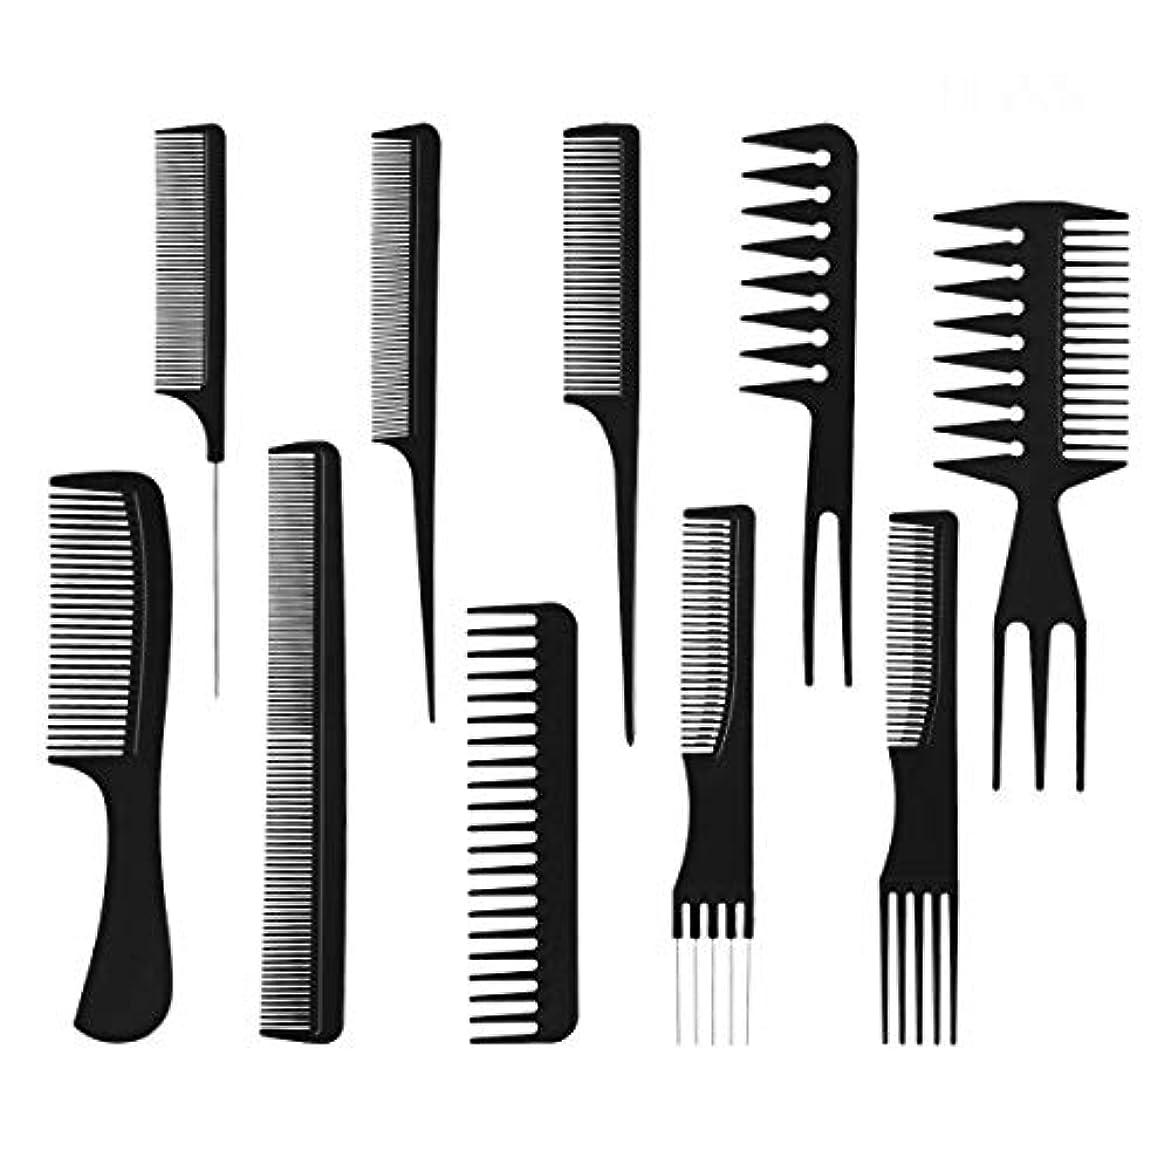 それらロードブロッキングビヨンZHER-LU ヘアブラシ ヘアコーム 髪櫛 プラスチック 理髪道具 美容ツール 美髪セット 美容 理容 散髪 美容師 専用 家庭用 静電気防止 ブラック 10本セット